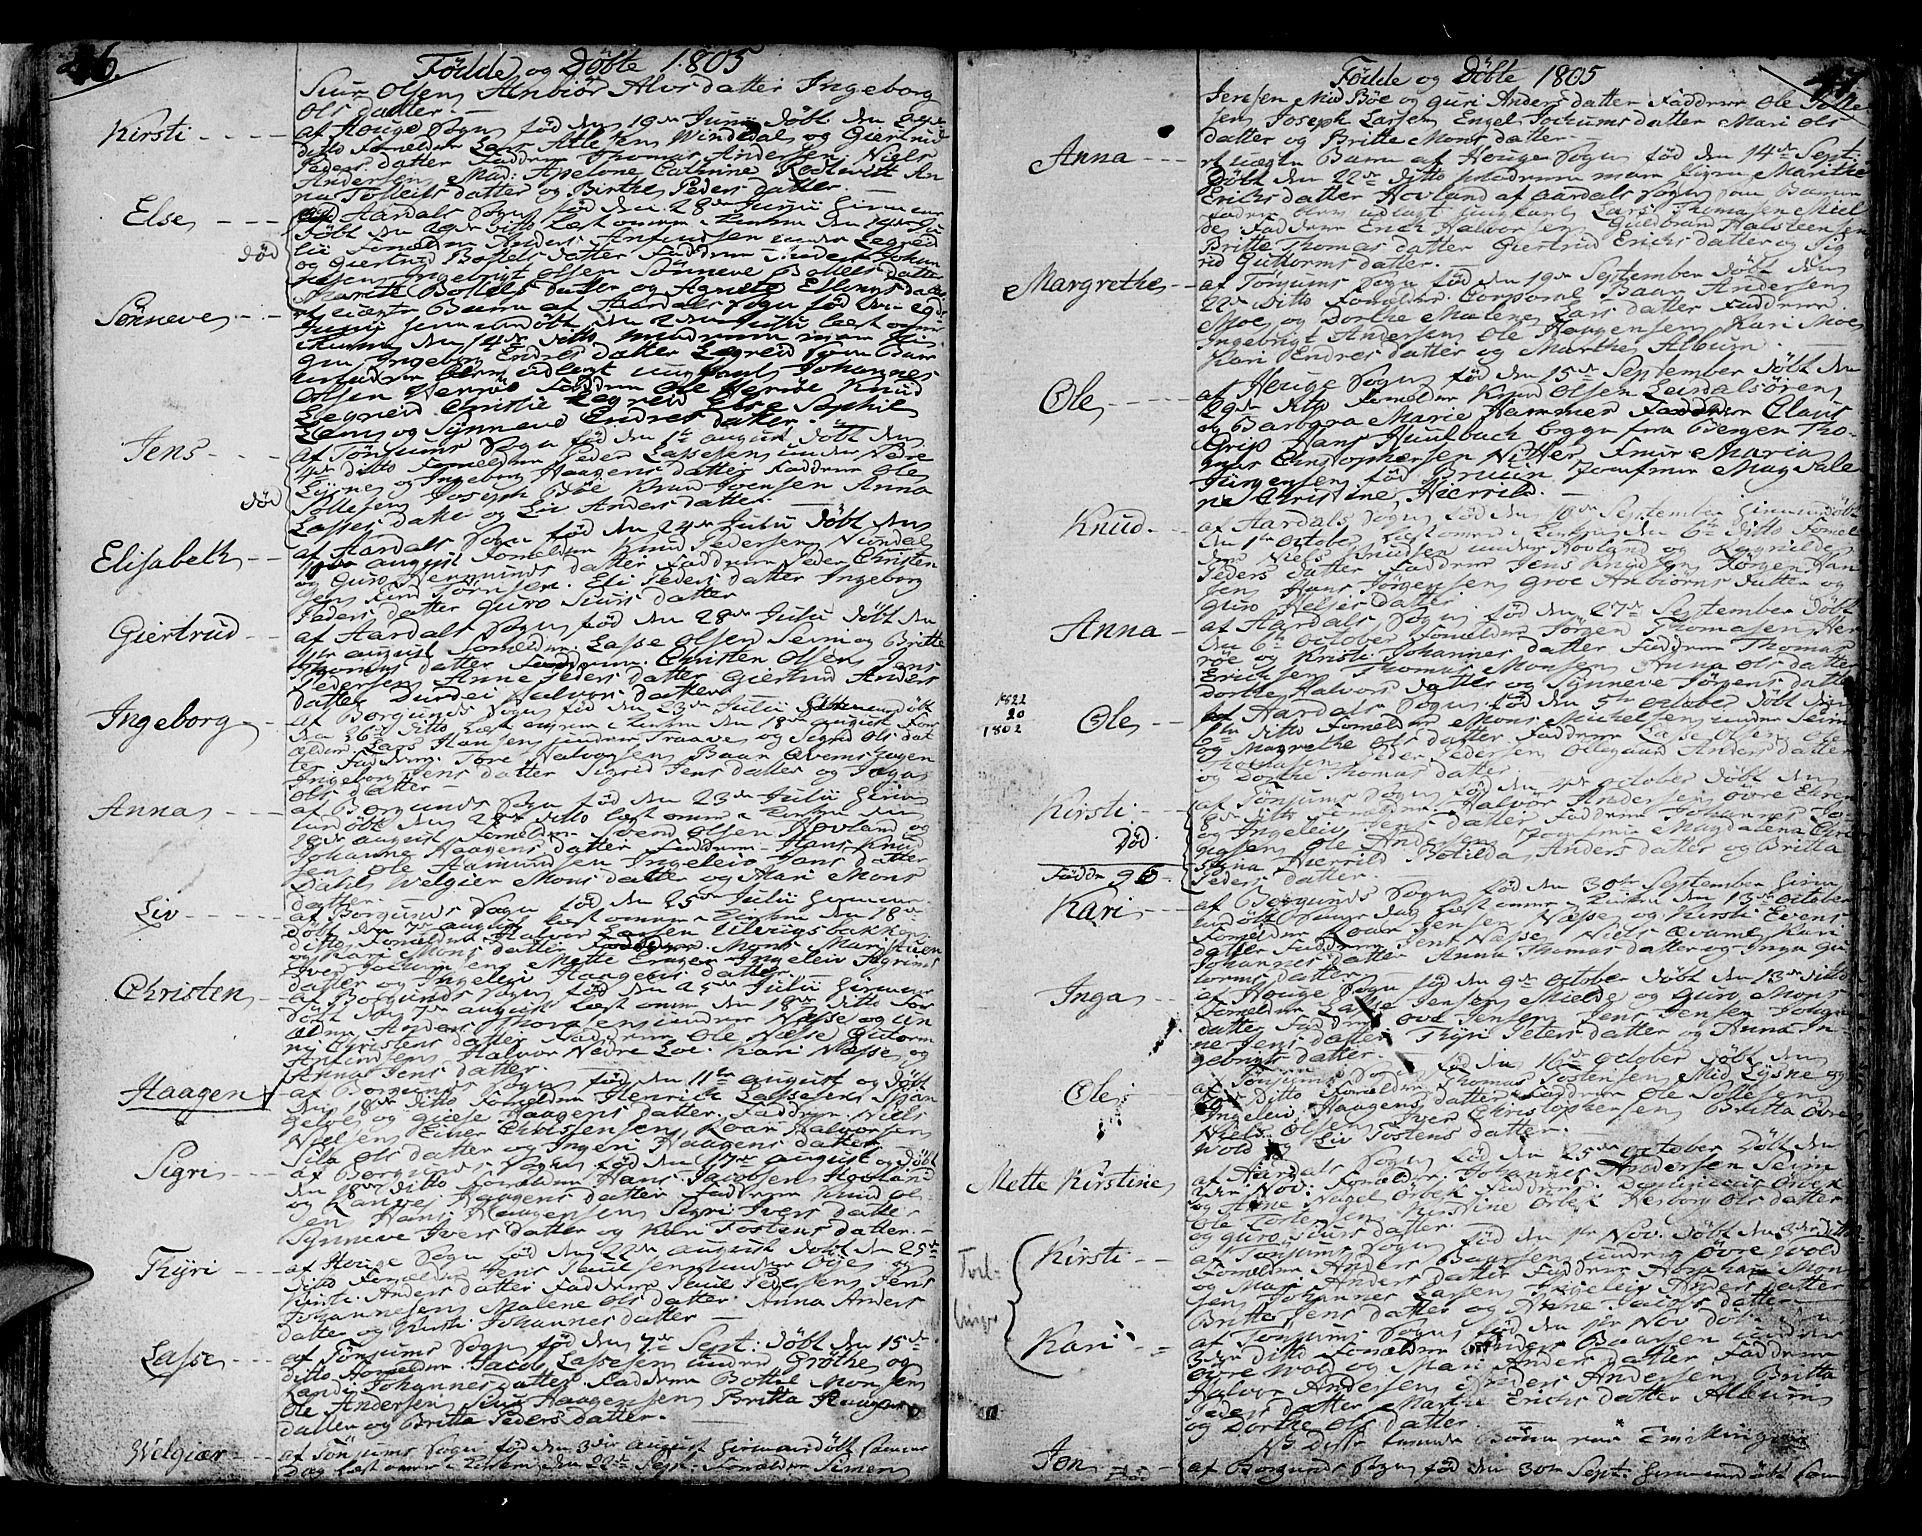 SAB, Lærdal sokneprestembete, Ministerialbok nr. A 4, 1805-1821, s. 46-47